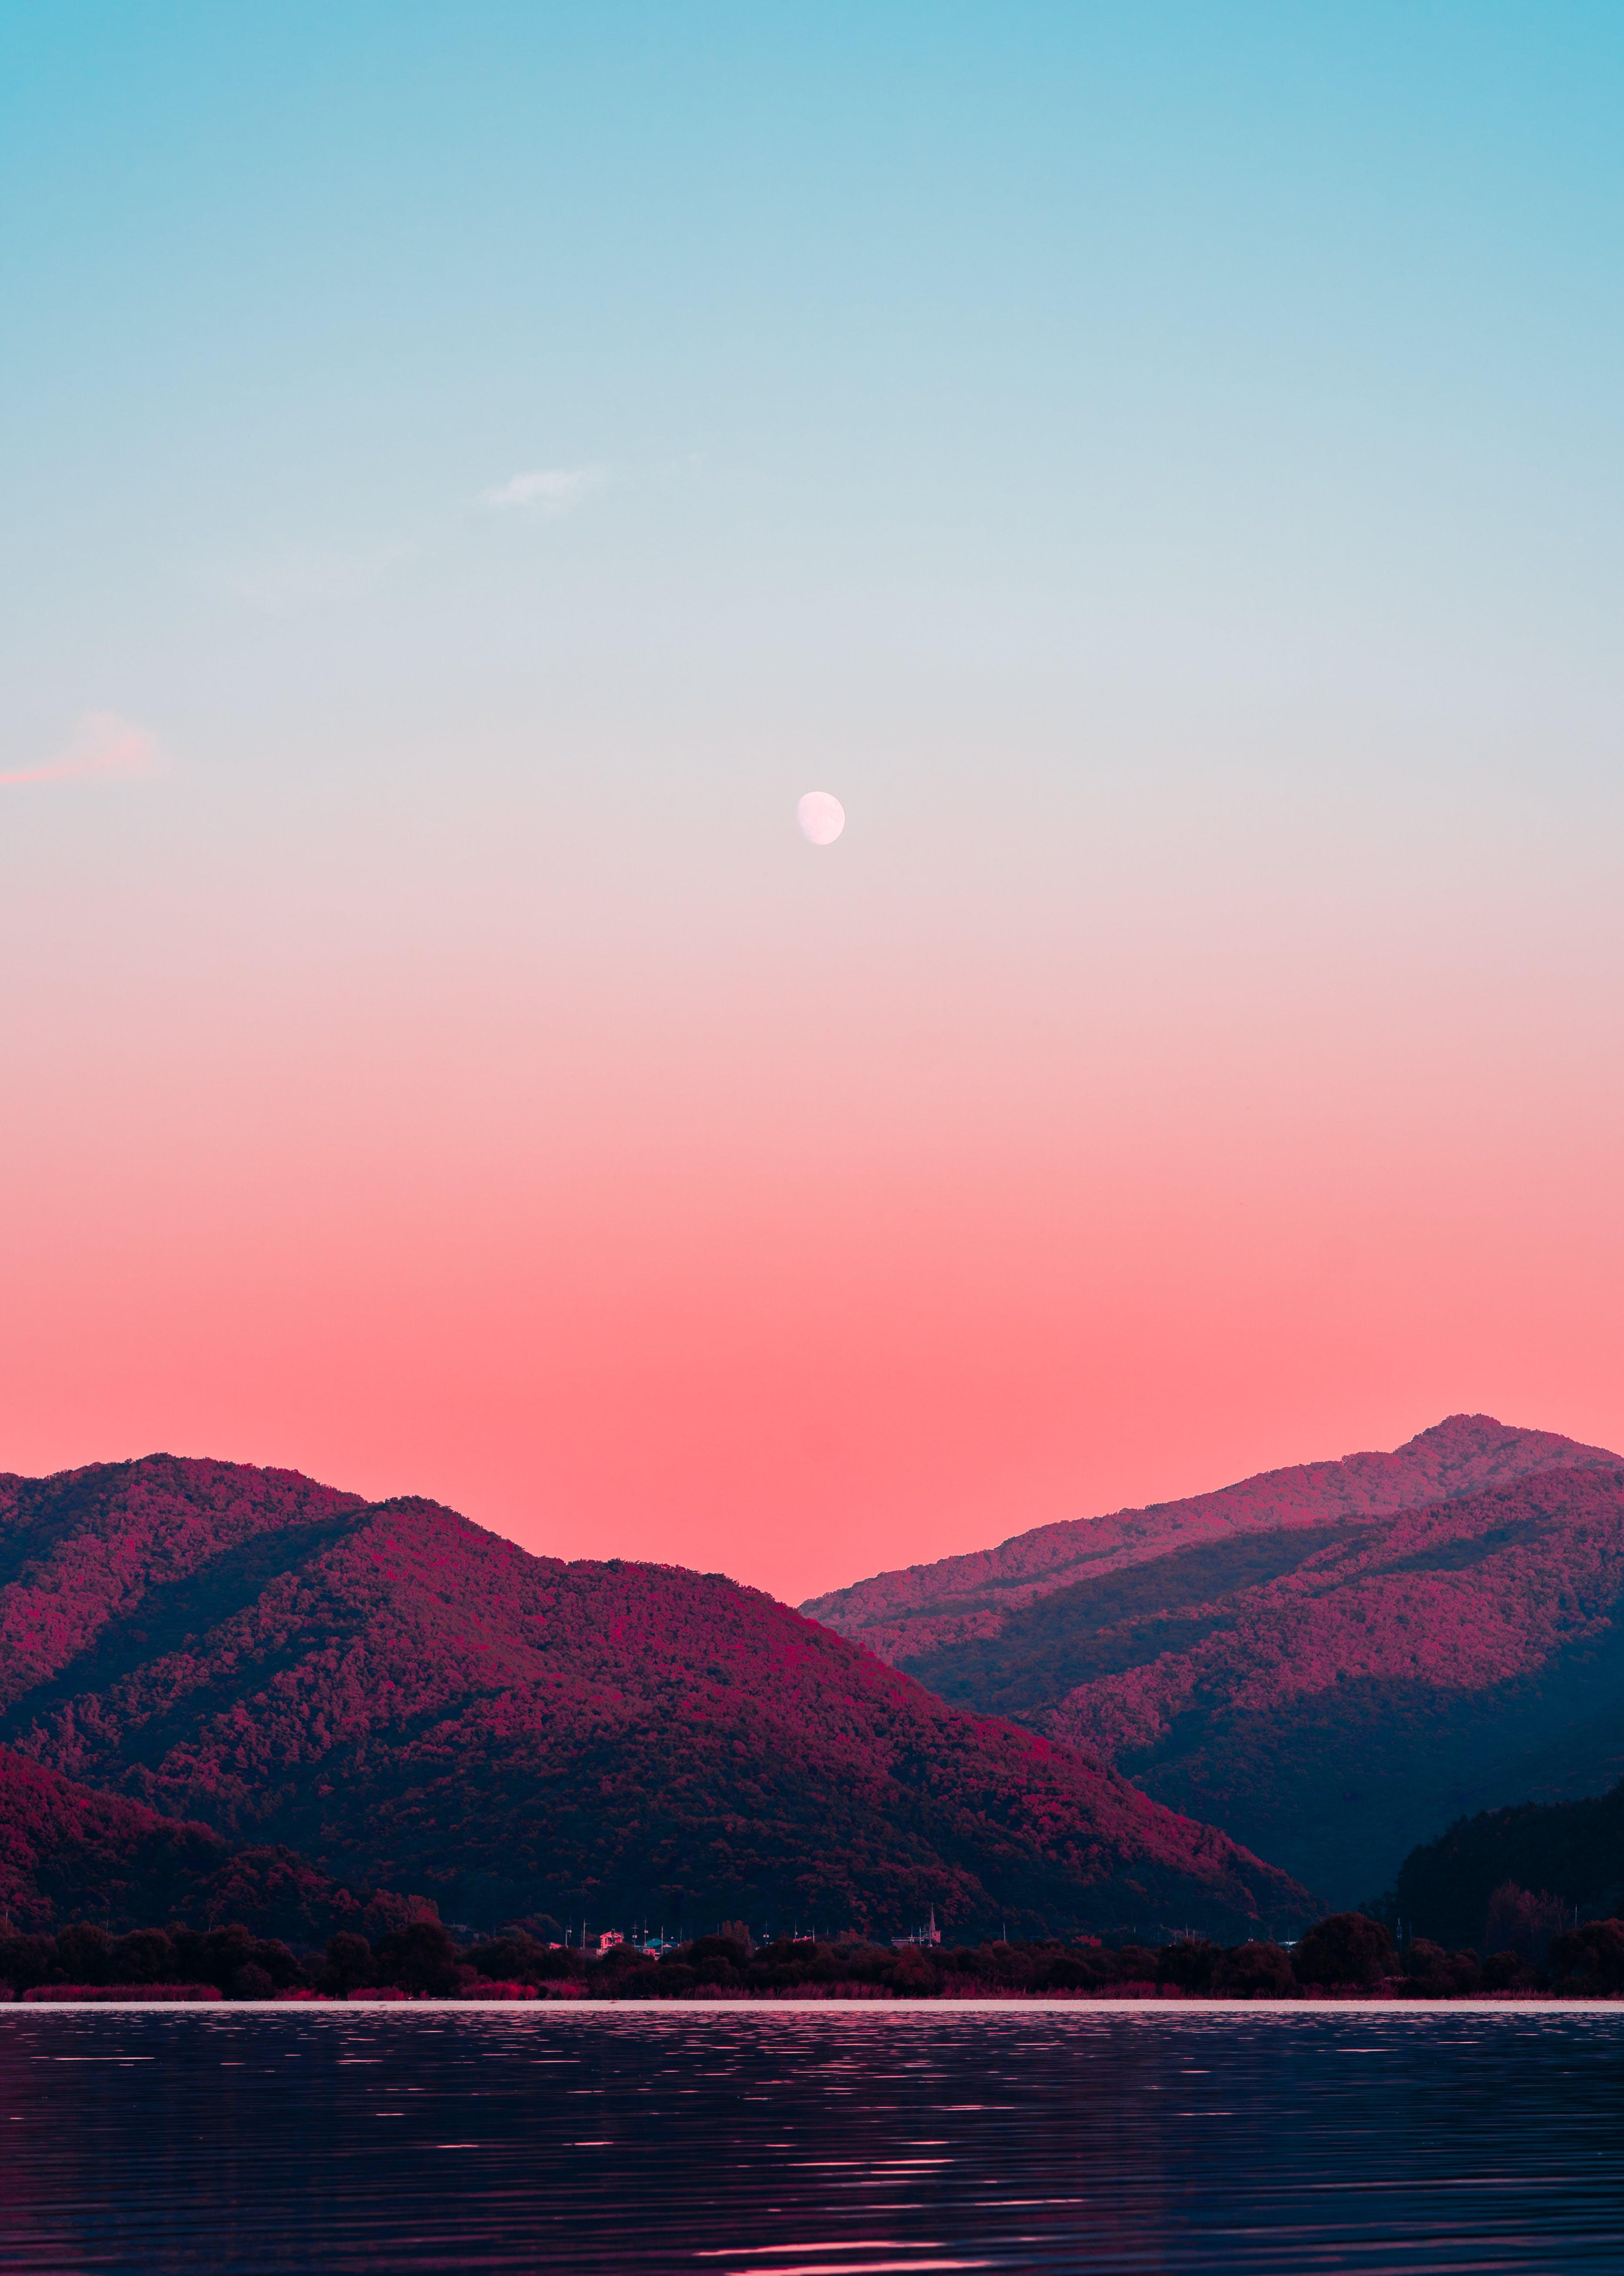 グラデーション, 半月, 夕方, 夜明けの無料の写真素材